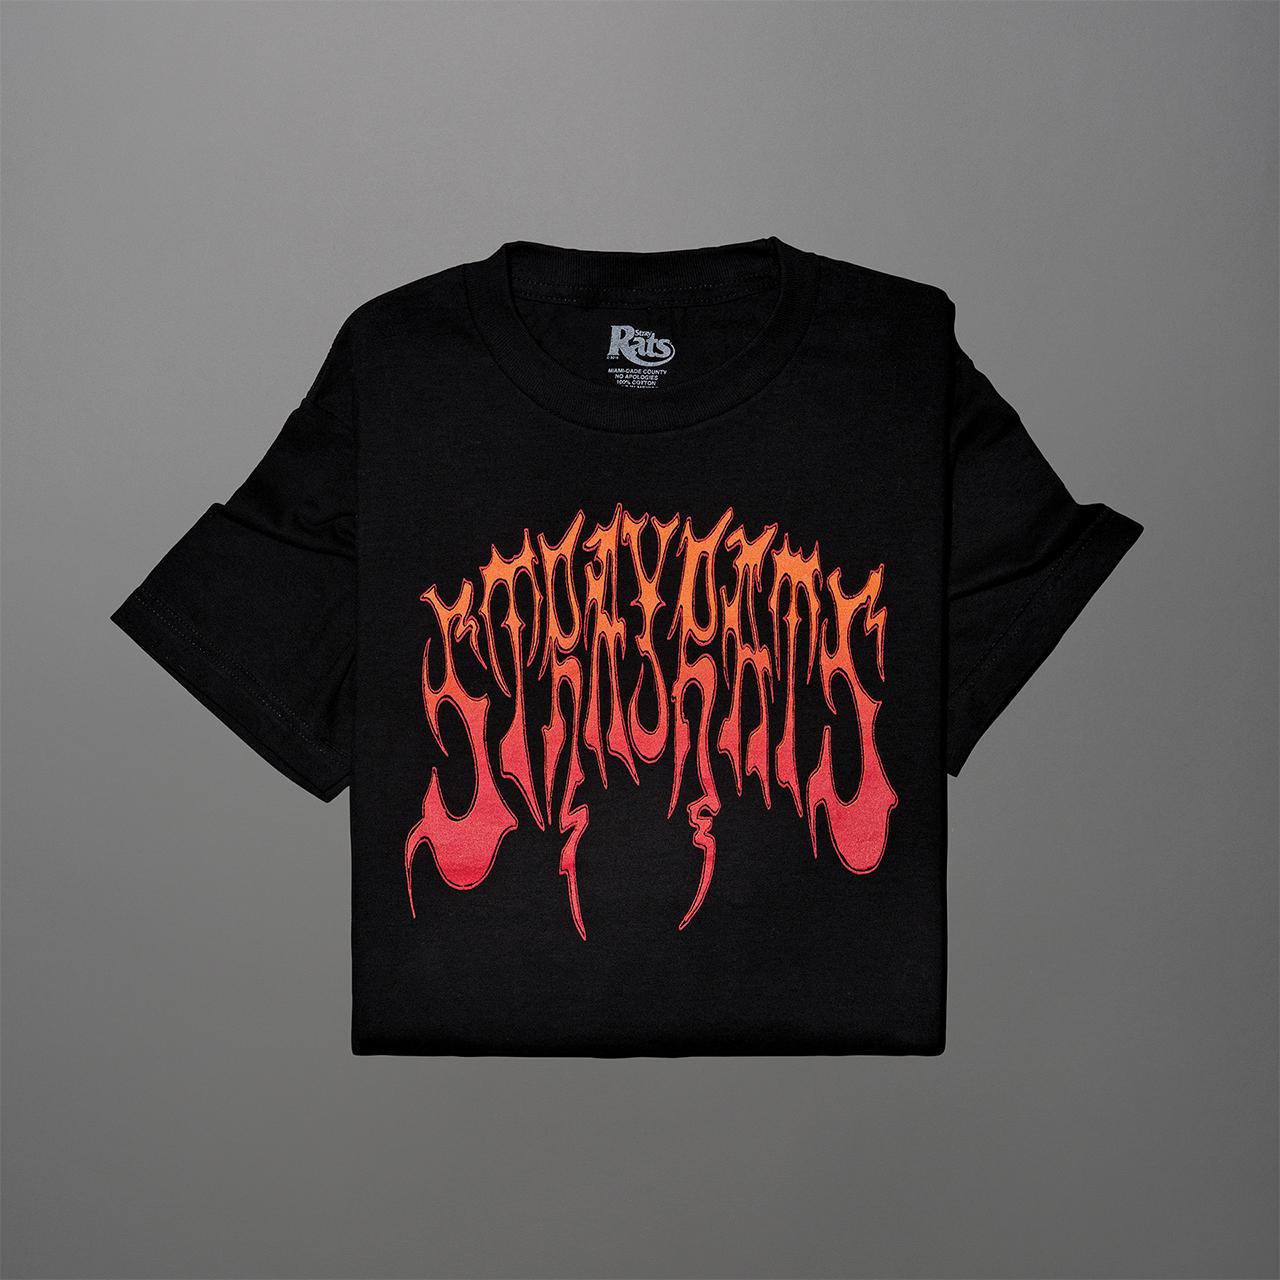 헤비메탈풍의 티셔츠 7만9000원 스트레이 랫츠 by 스컬프.